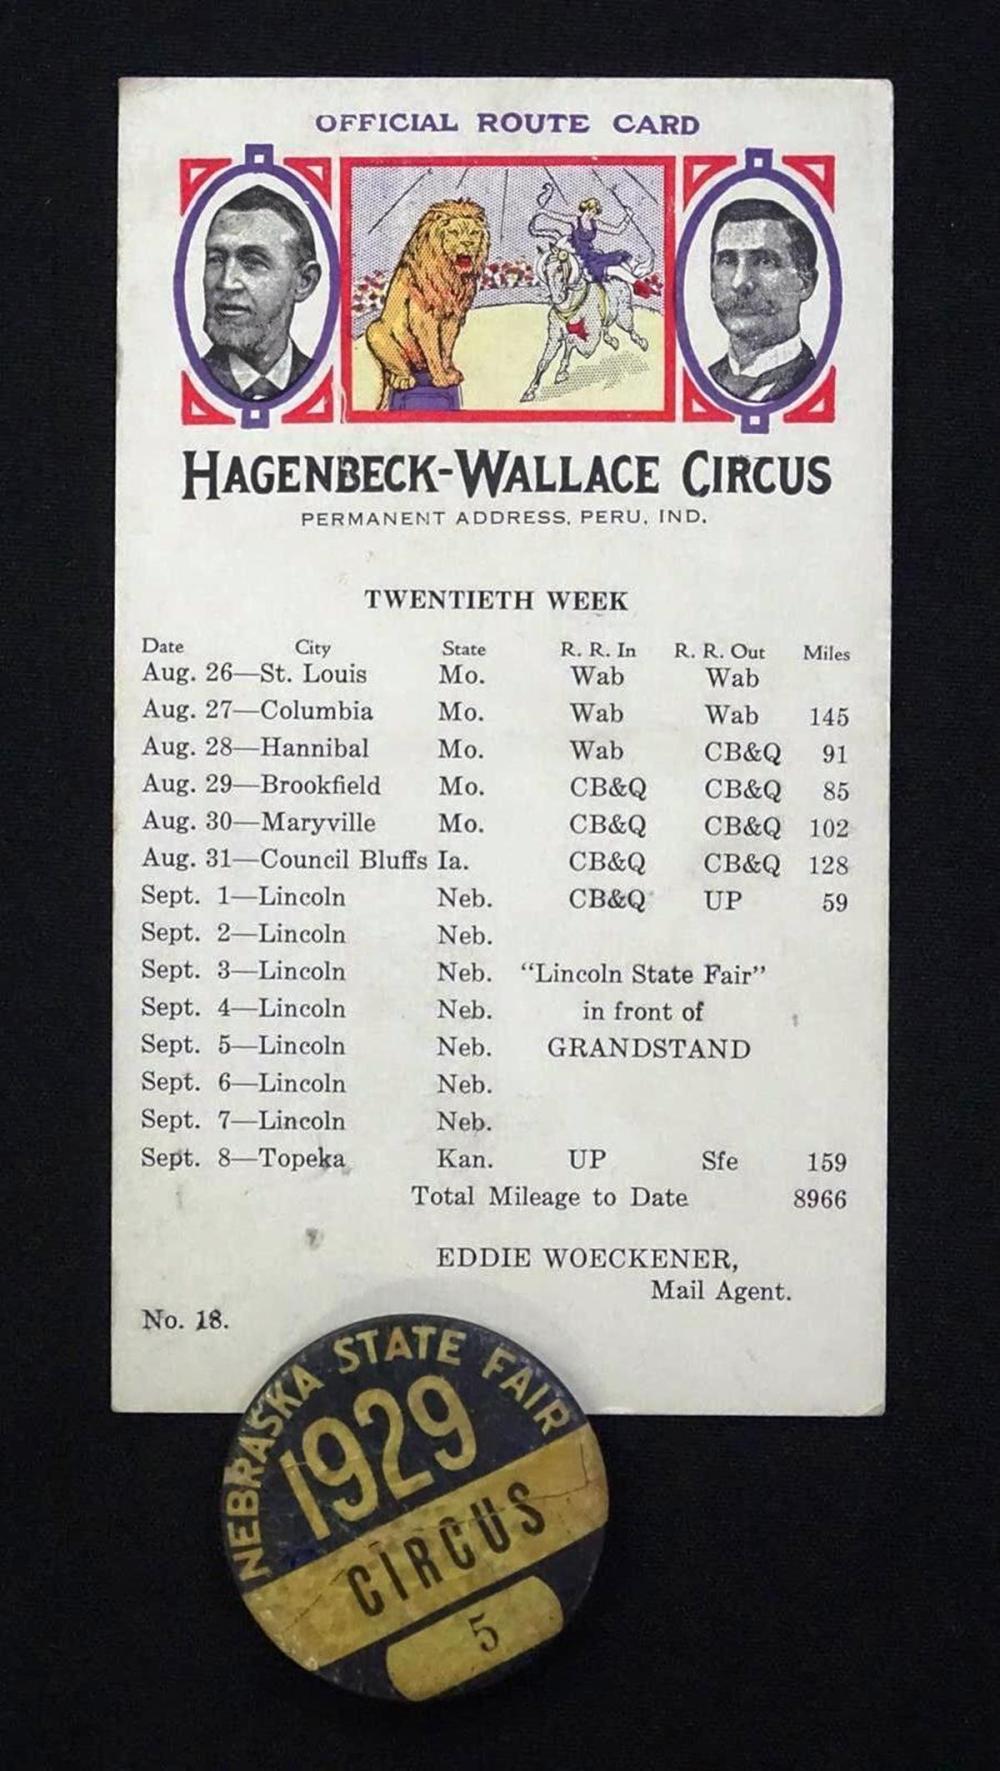 1929 HAGENBECK-WALLACE CIRCUS MEMORABILIA